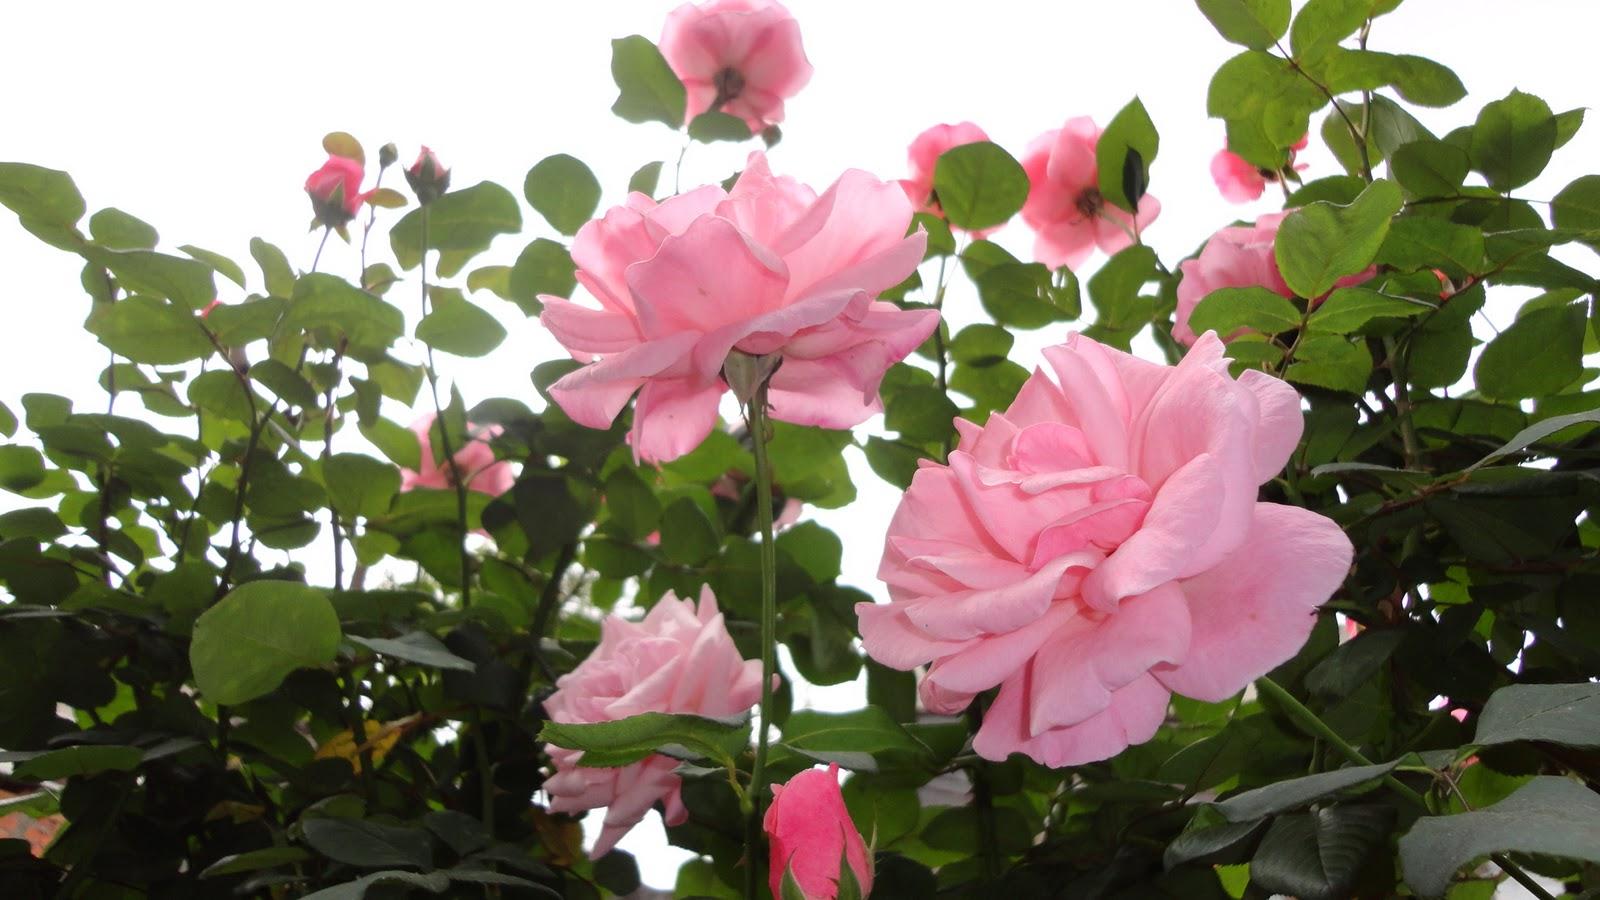 rosas do meu jardim para faceEste ano as rosas veio para encantar,os